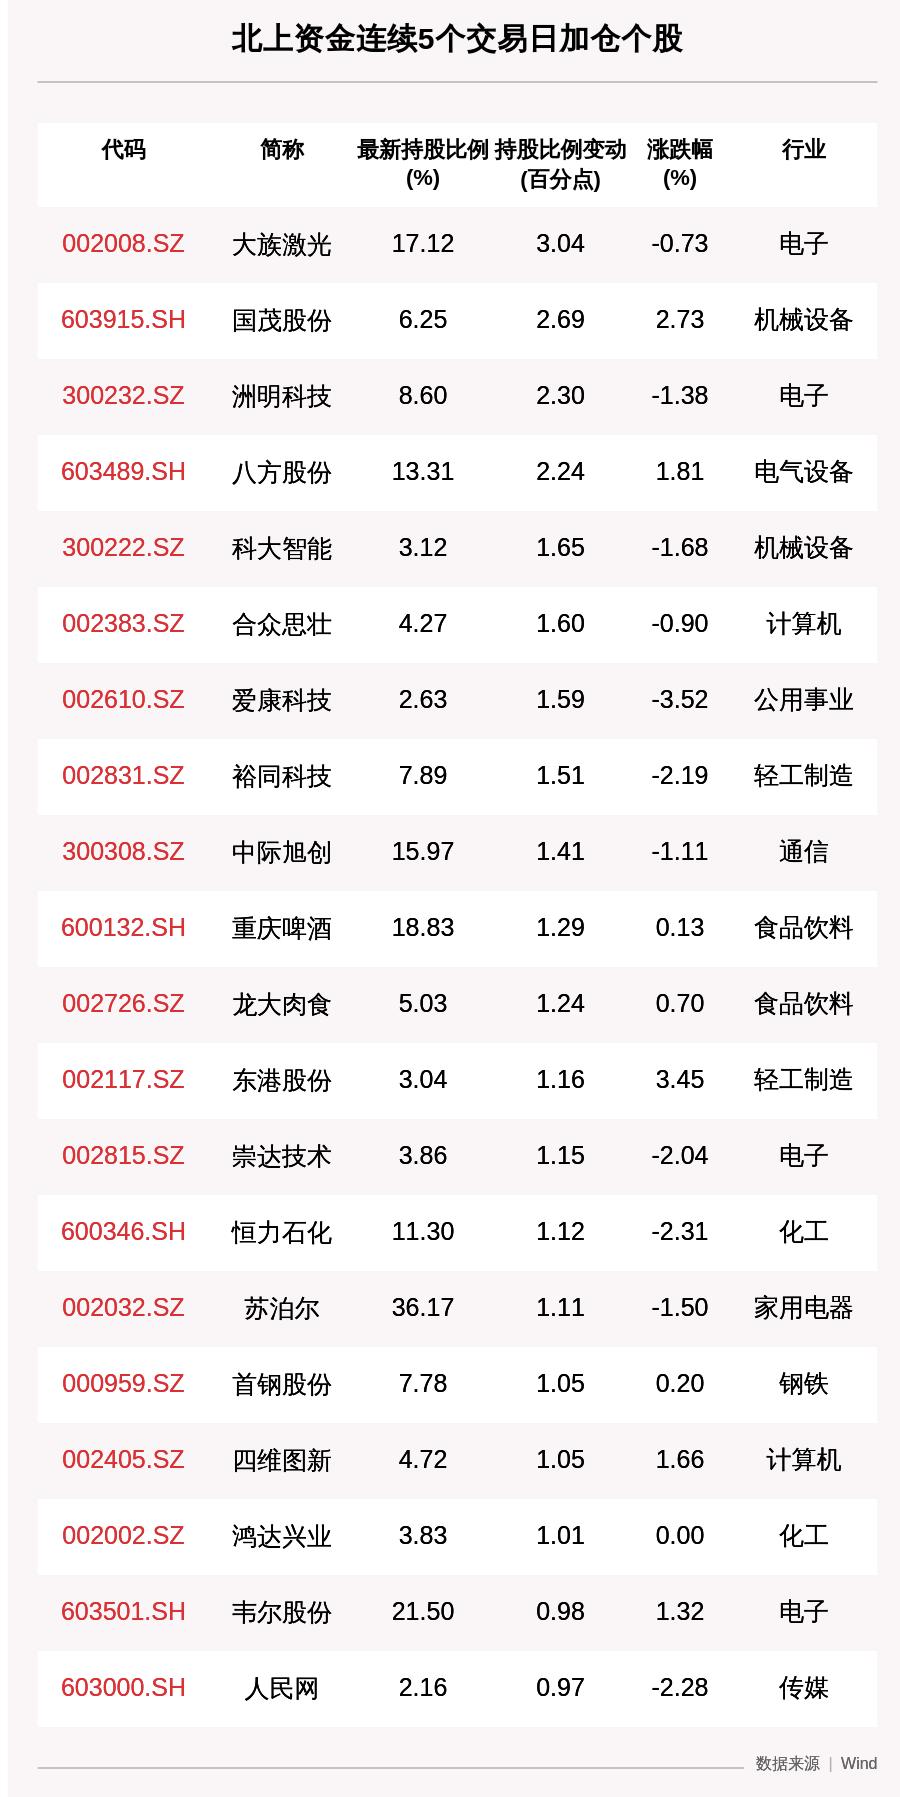 揭秘北上资金:连续5日加仓这77只个股(附名单)